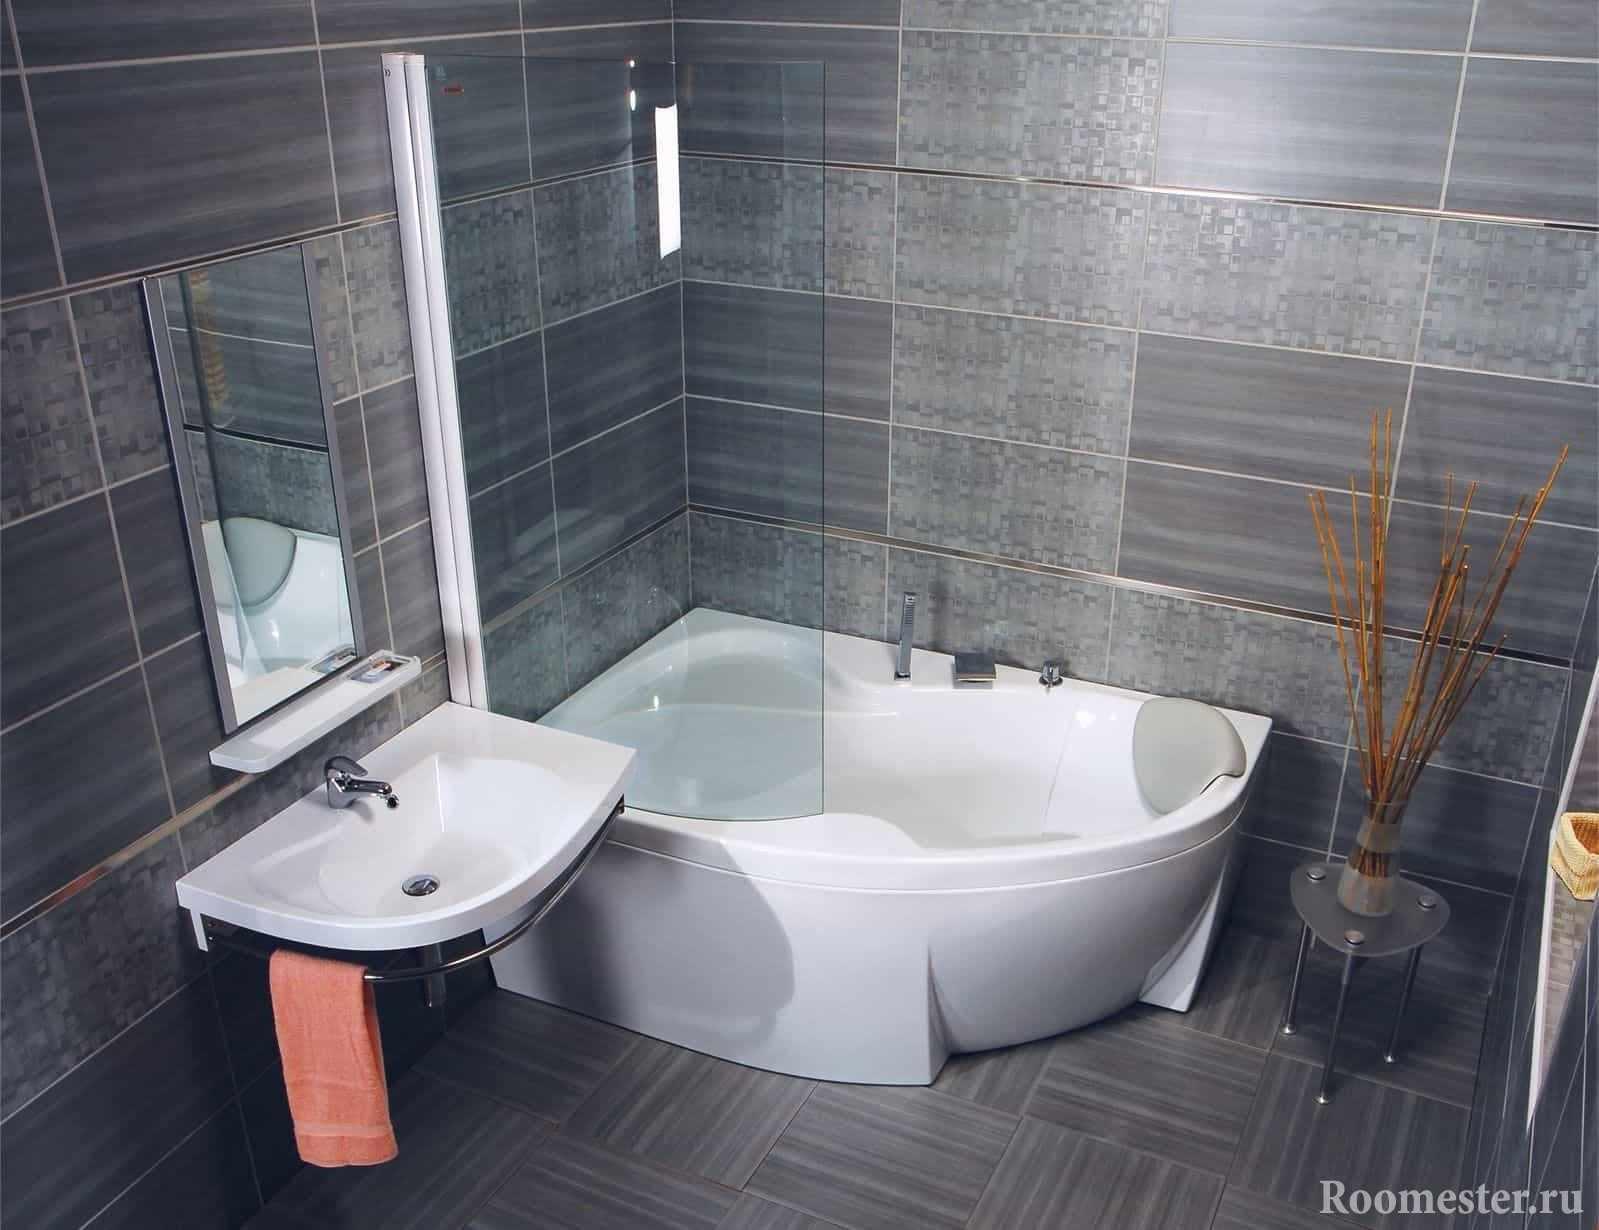 Не большая ванная комната